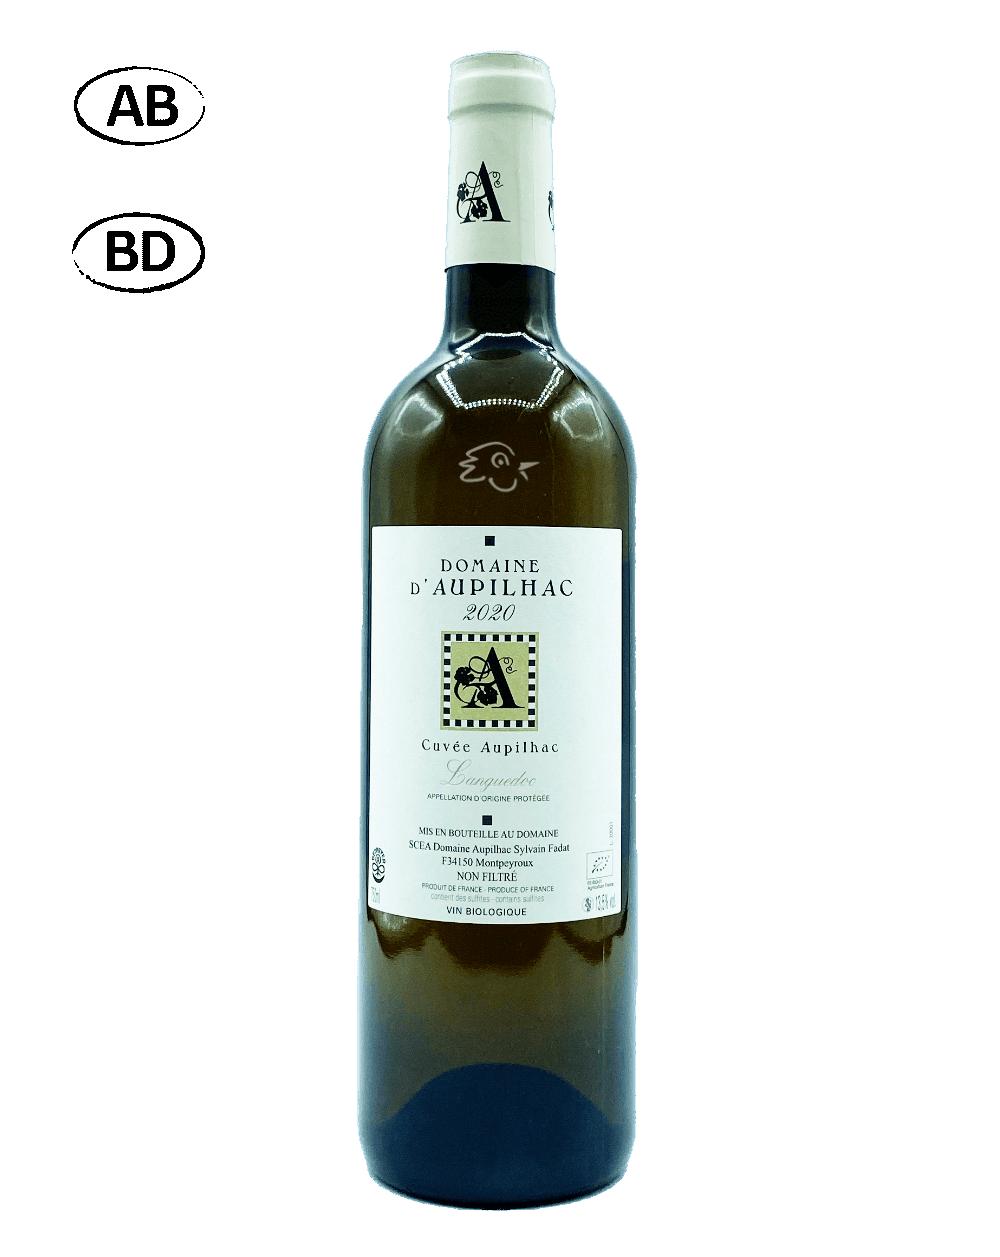 Domaine d'Aupilhac - Aupilhac Blanc - Avintures